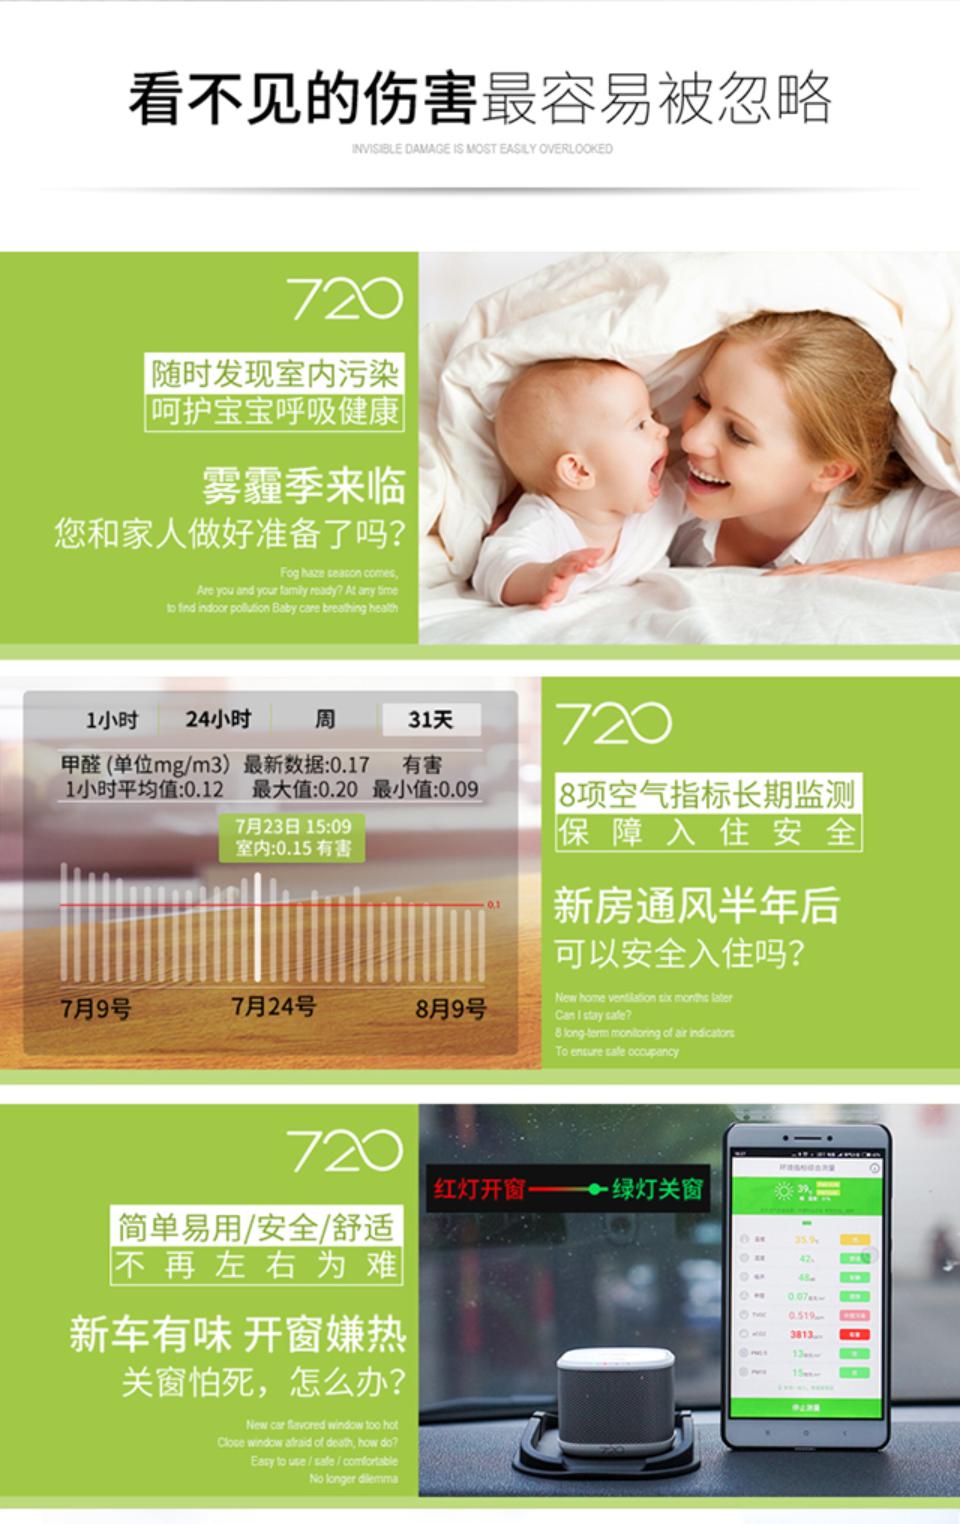 720环境宝3-720(柒贰零)官网